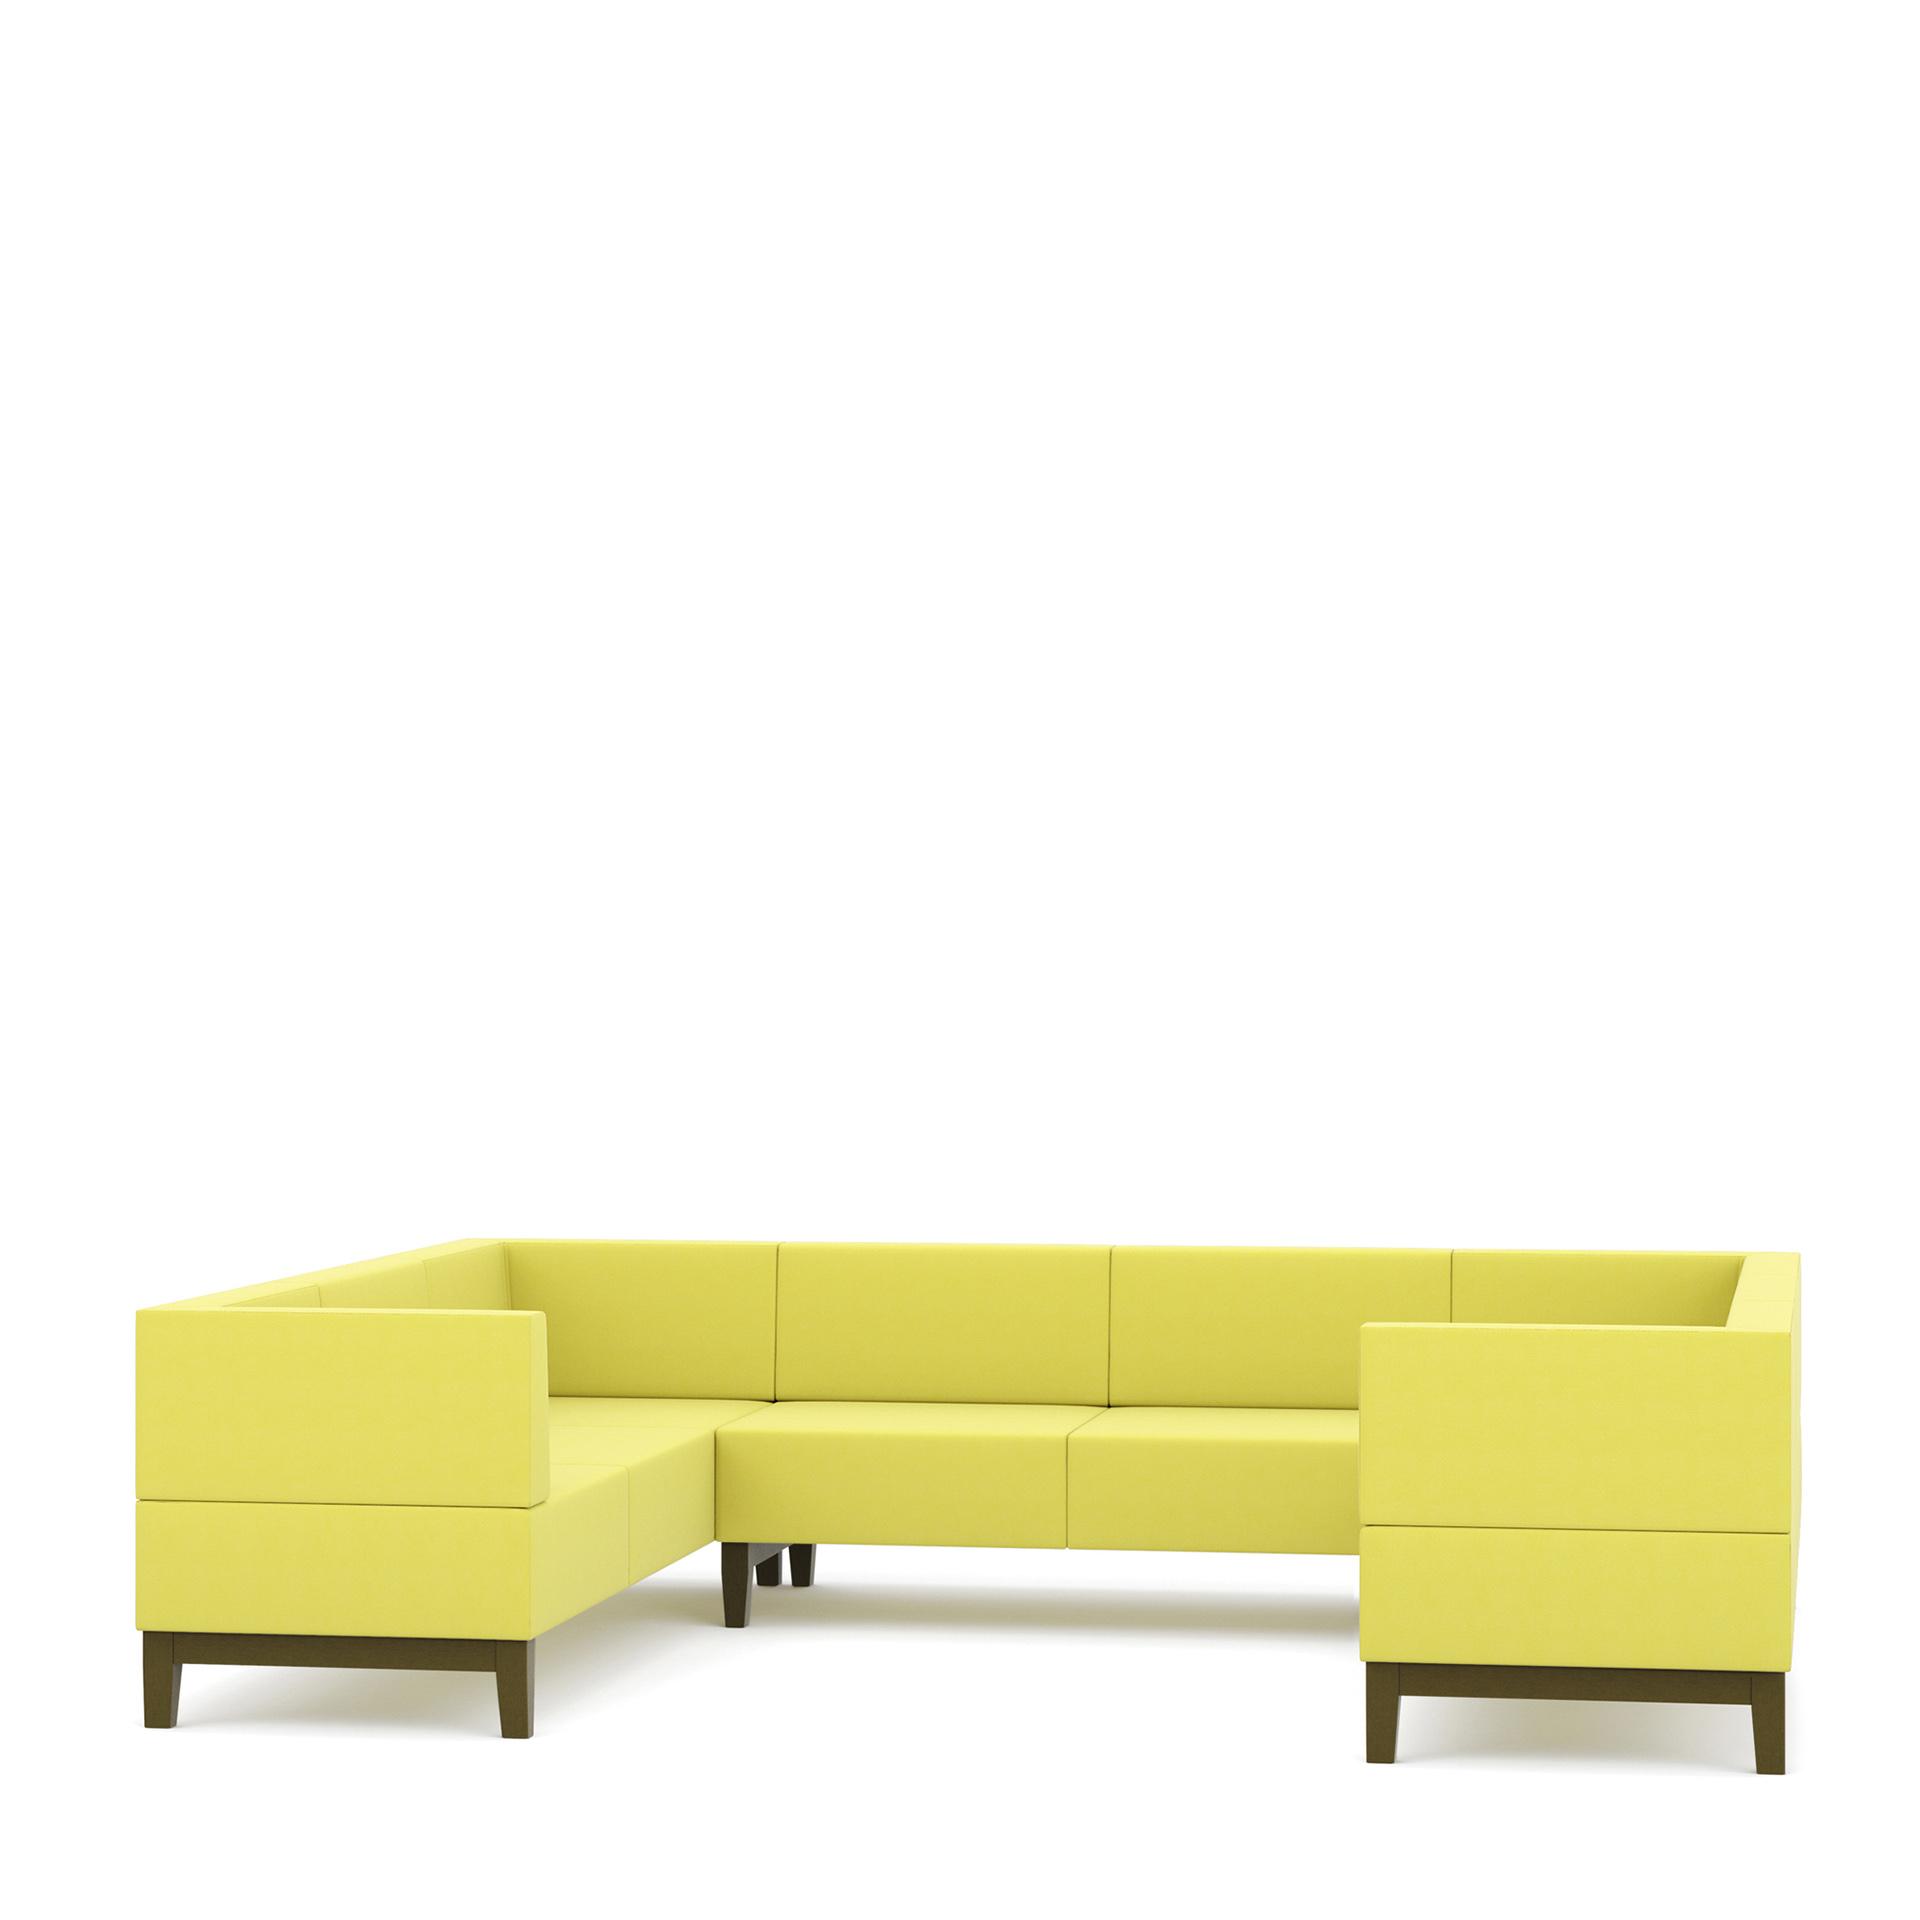 Breakout Furniture U Seat